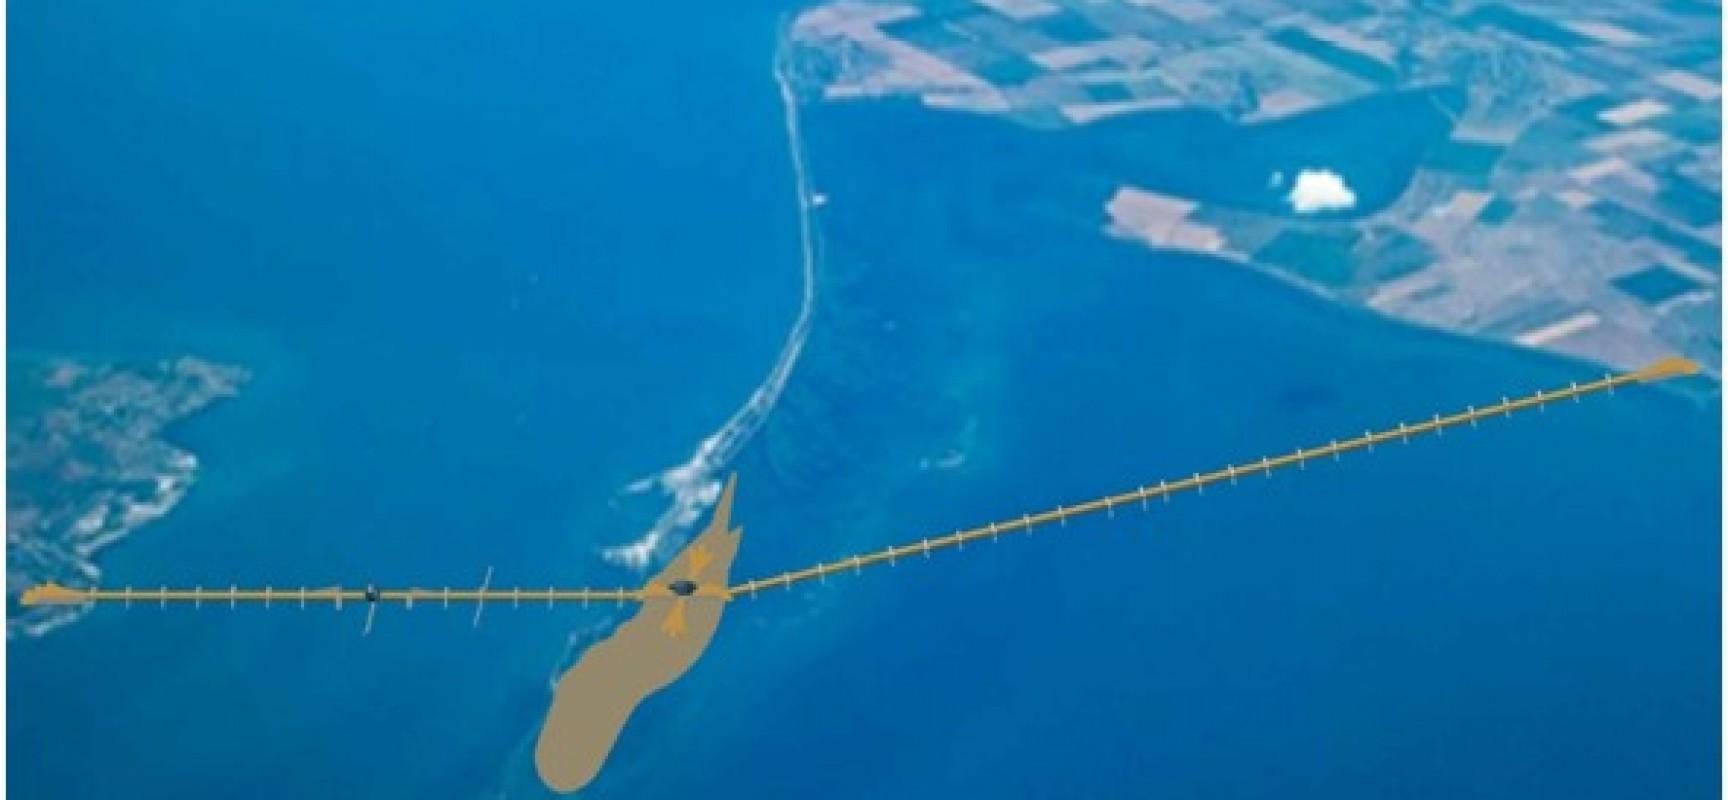 Проект закрытого от внешних воздействий двухуровневого путепровода